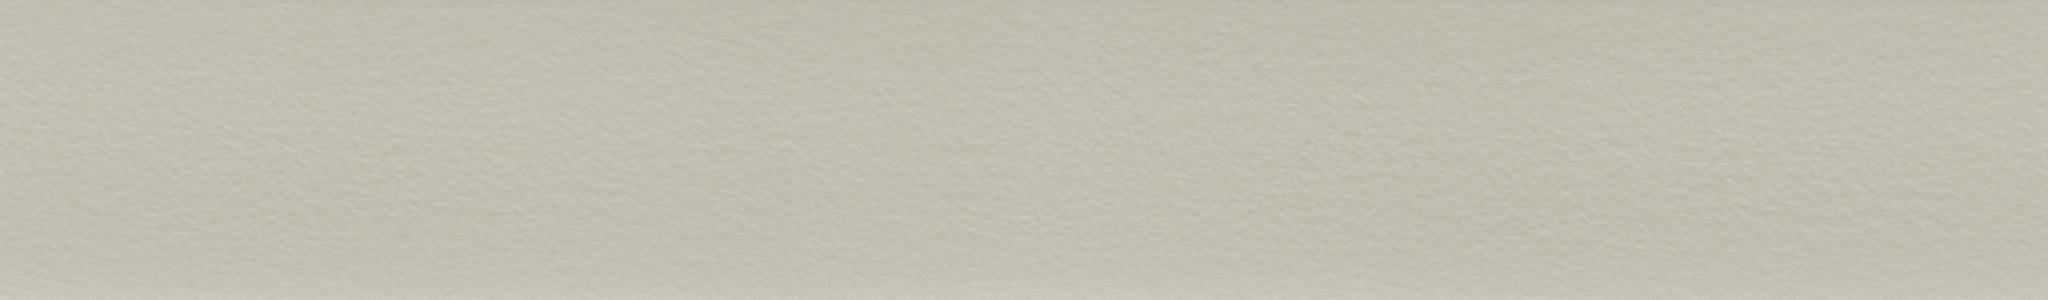 HU 180072 ABS hrana hnědá perla jemná 107